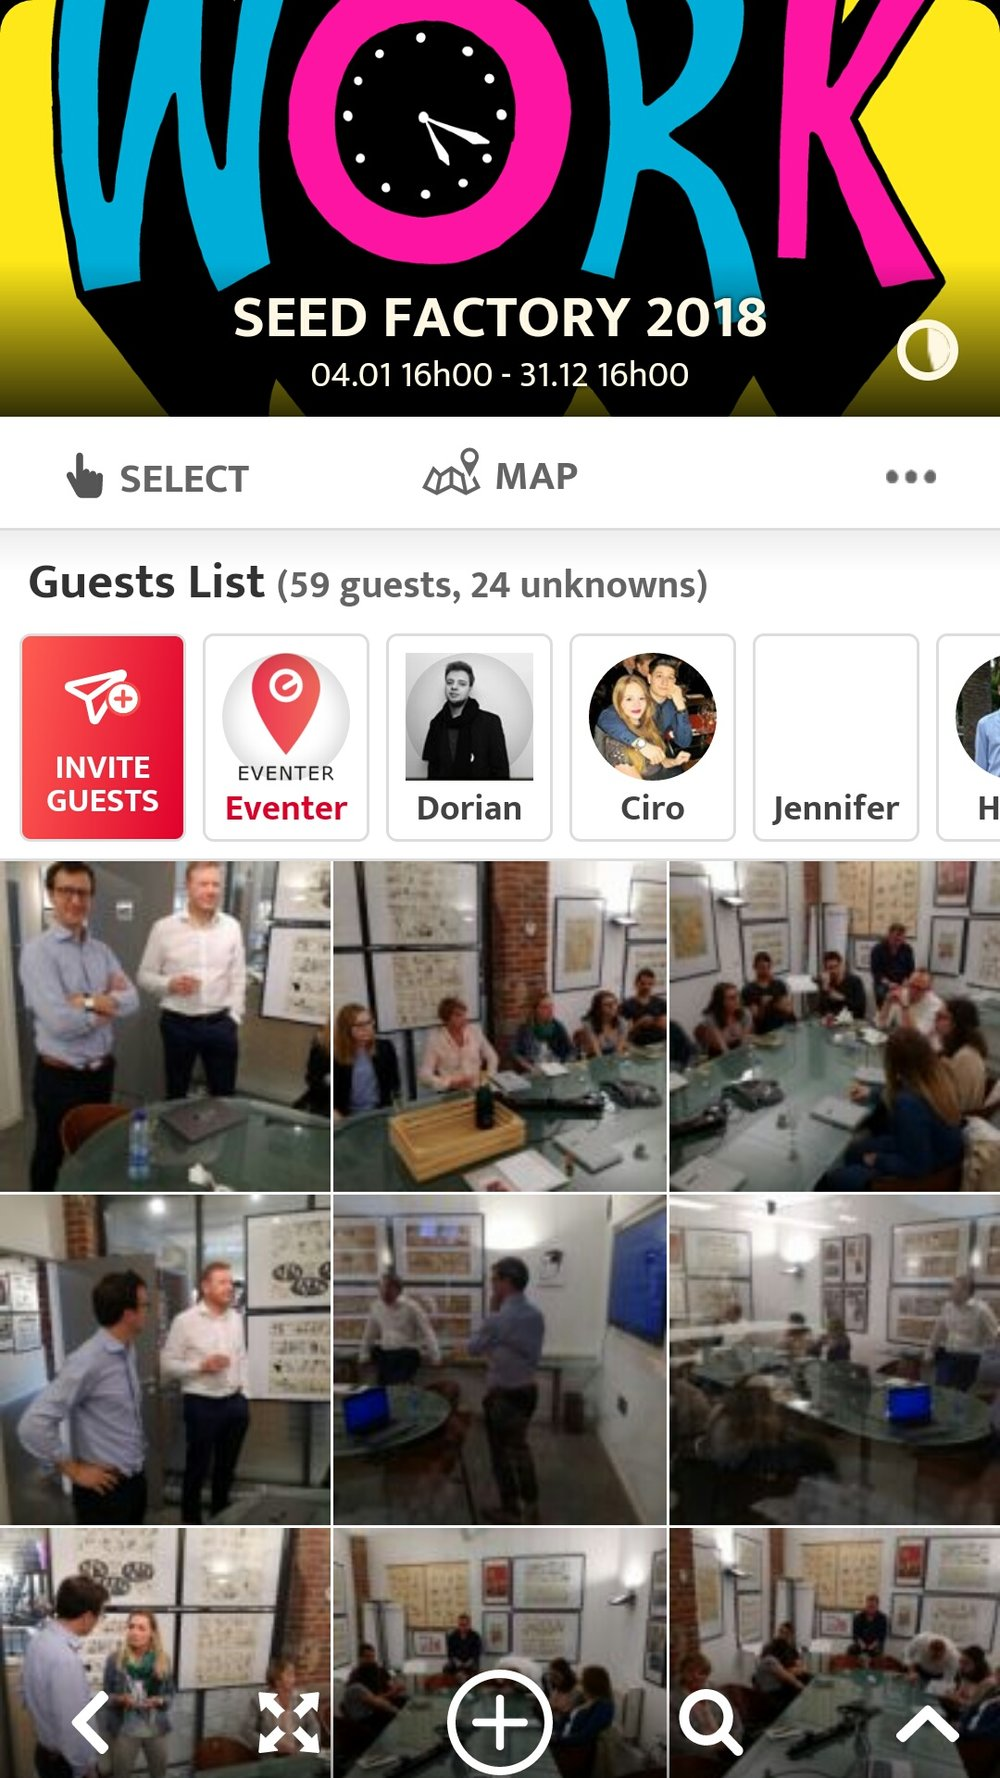 Krijg toegang tot de foto's van andere gasten